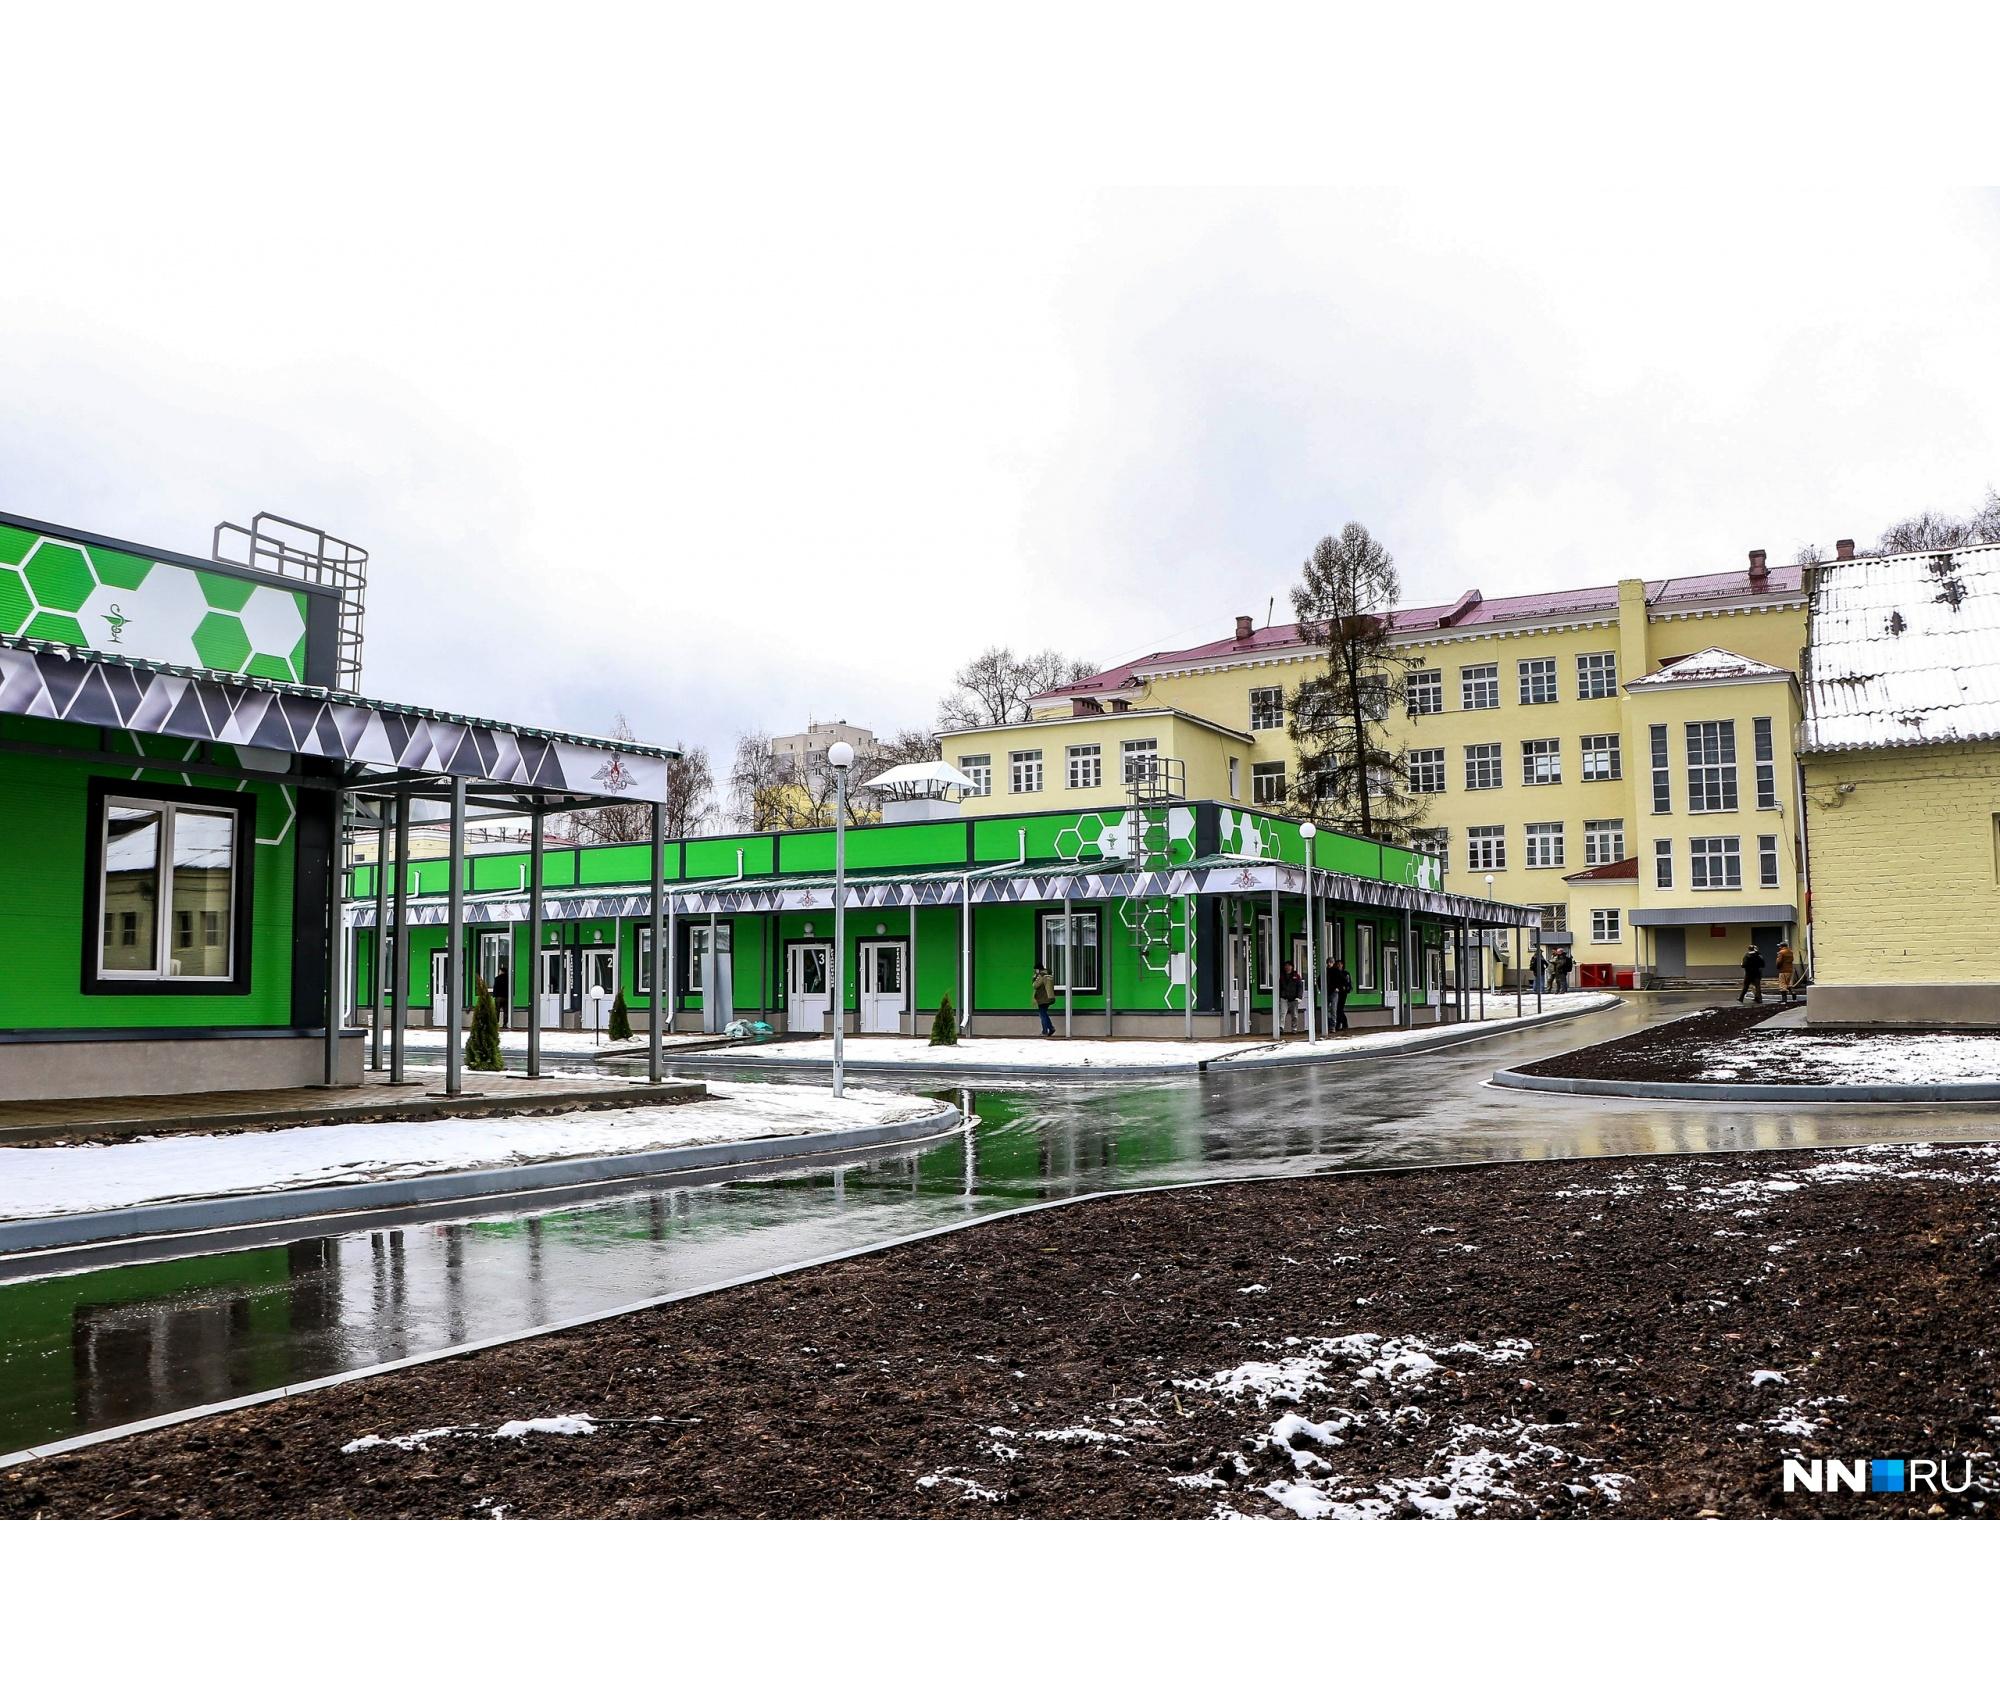 Модульное здание уже полностью готово, работы были проведены и на территории